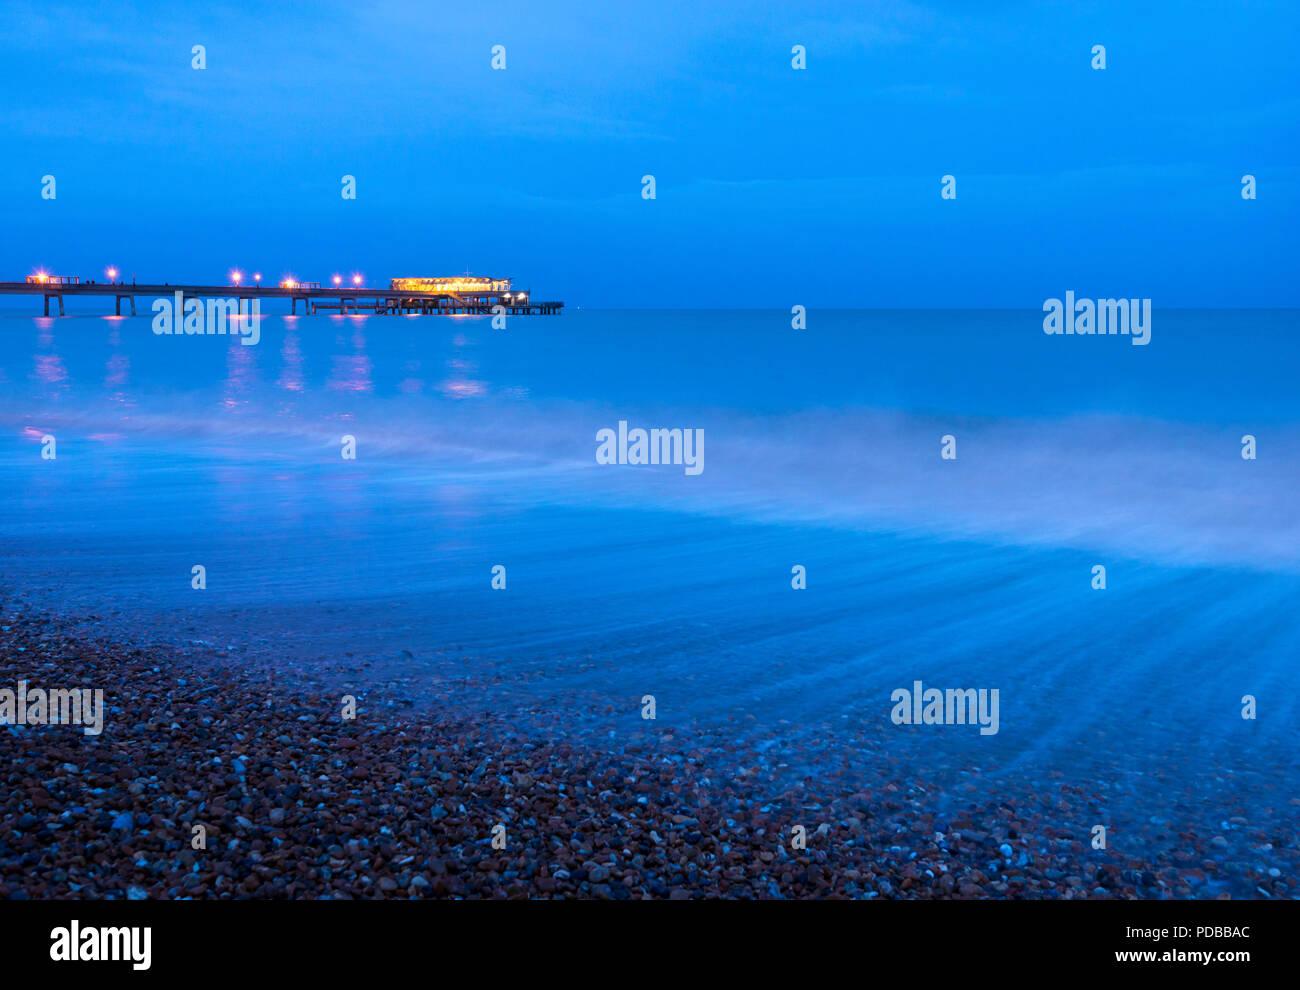 Olas que se estrellan a lo largo de tratar paseo al atardecer con el proyecto Pier iluminada en el fondo. Imagen De Stock